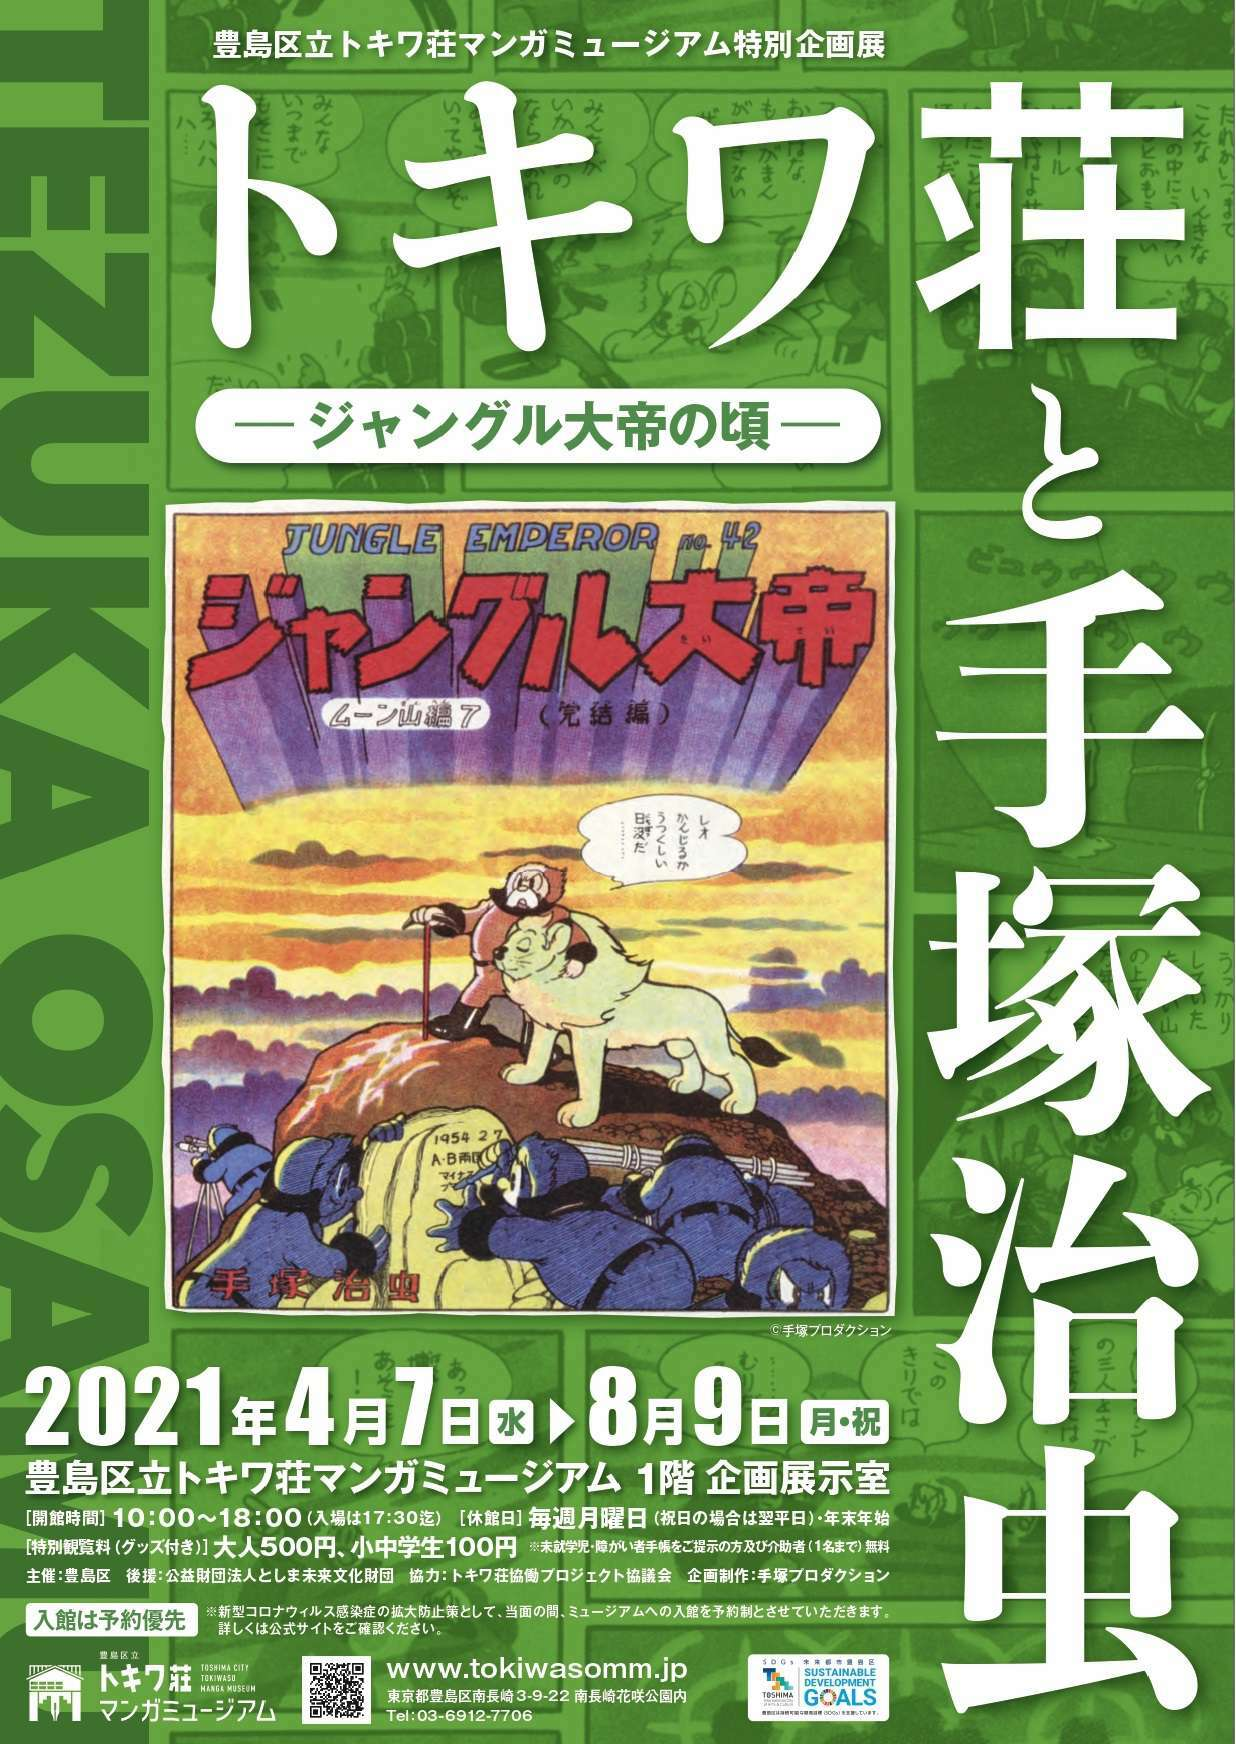 特別企画展「トキワ荘と手塚治虫 ―ジャングル大帝の頃―」